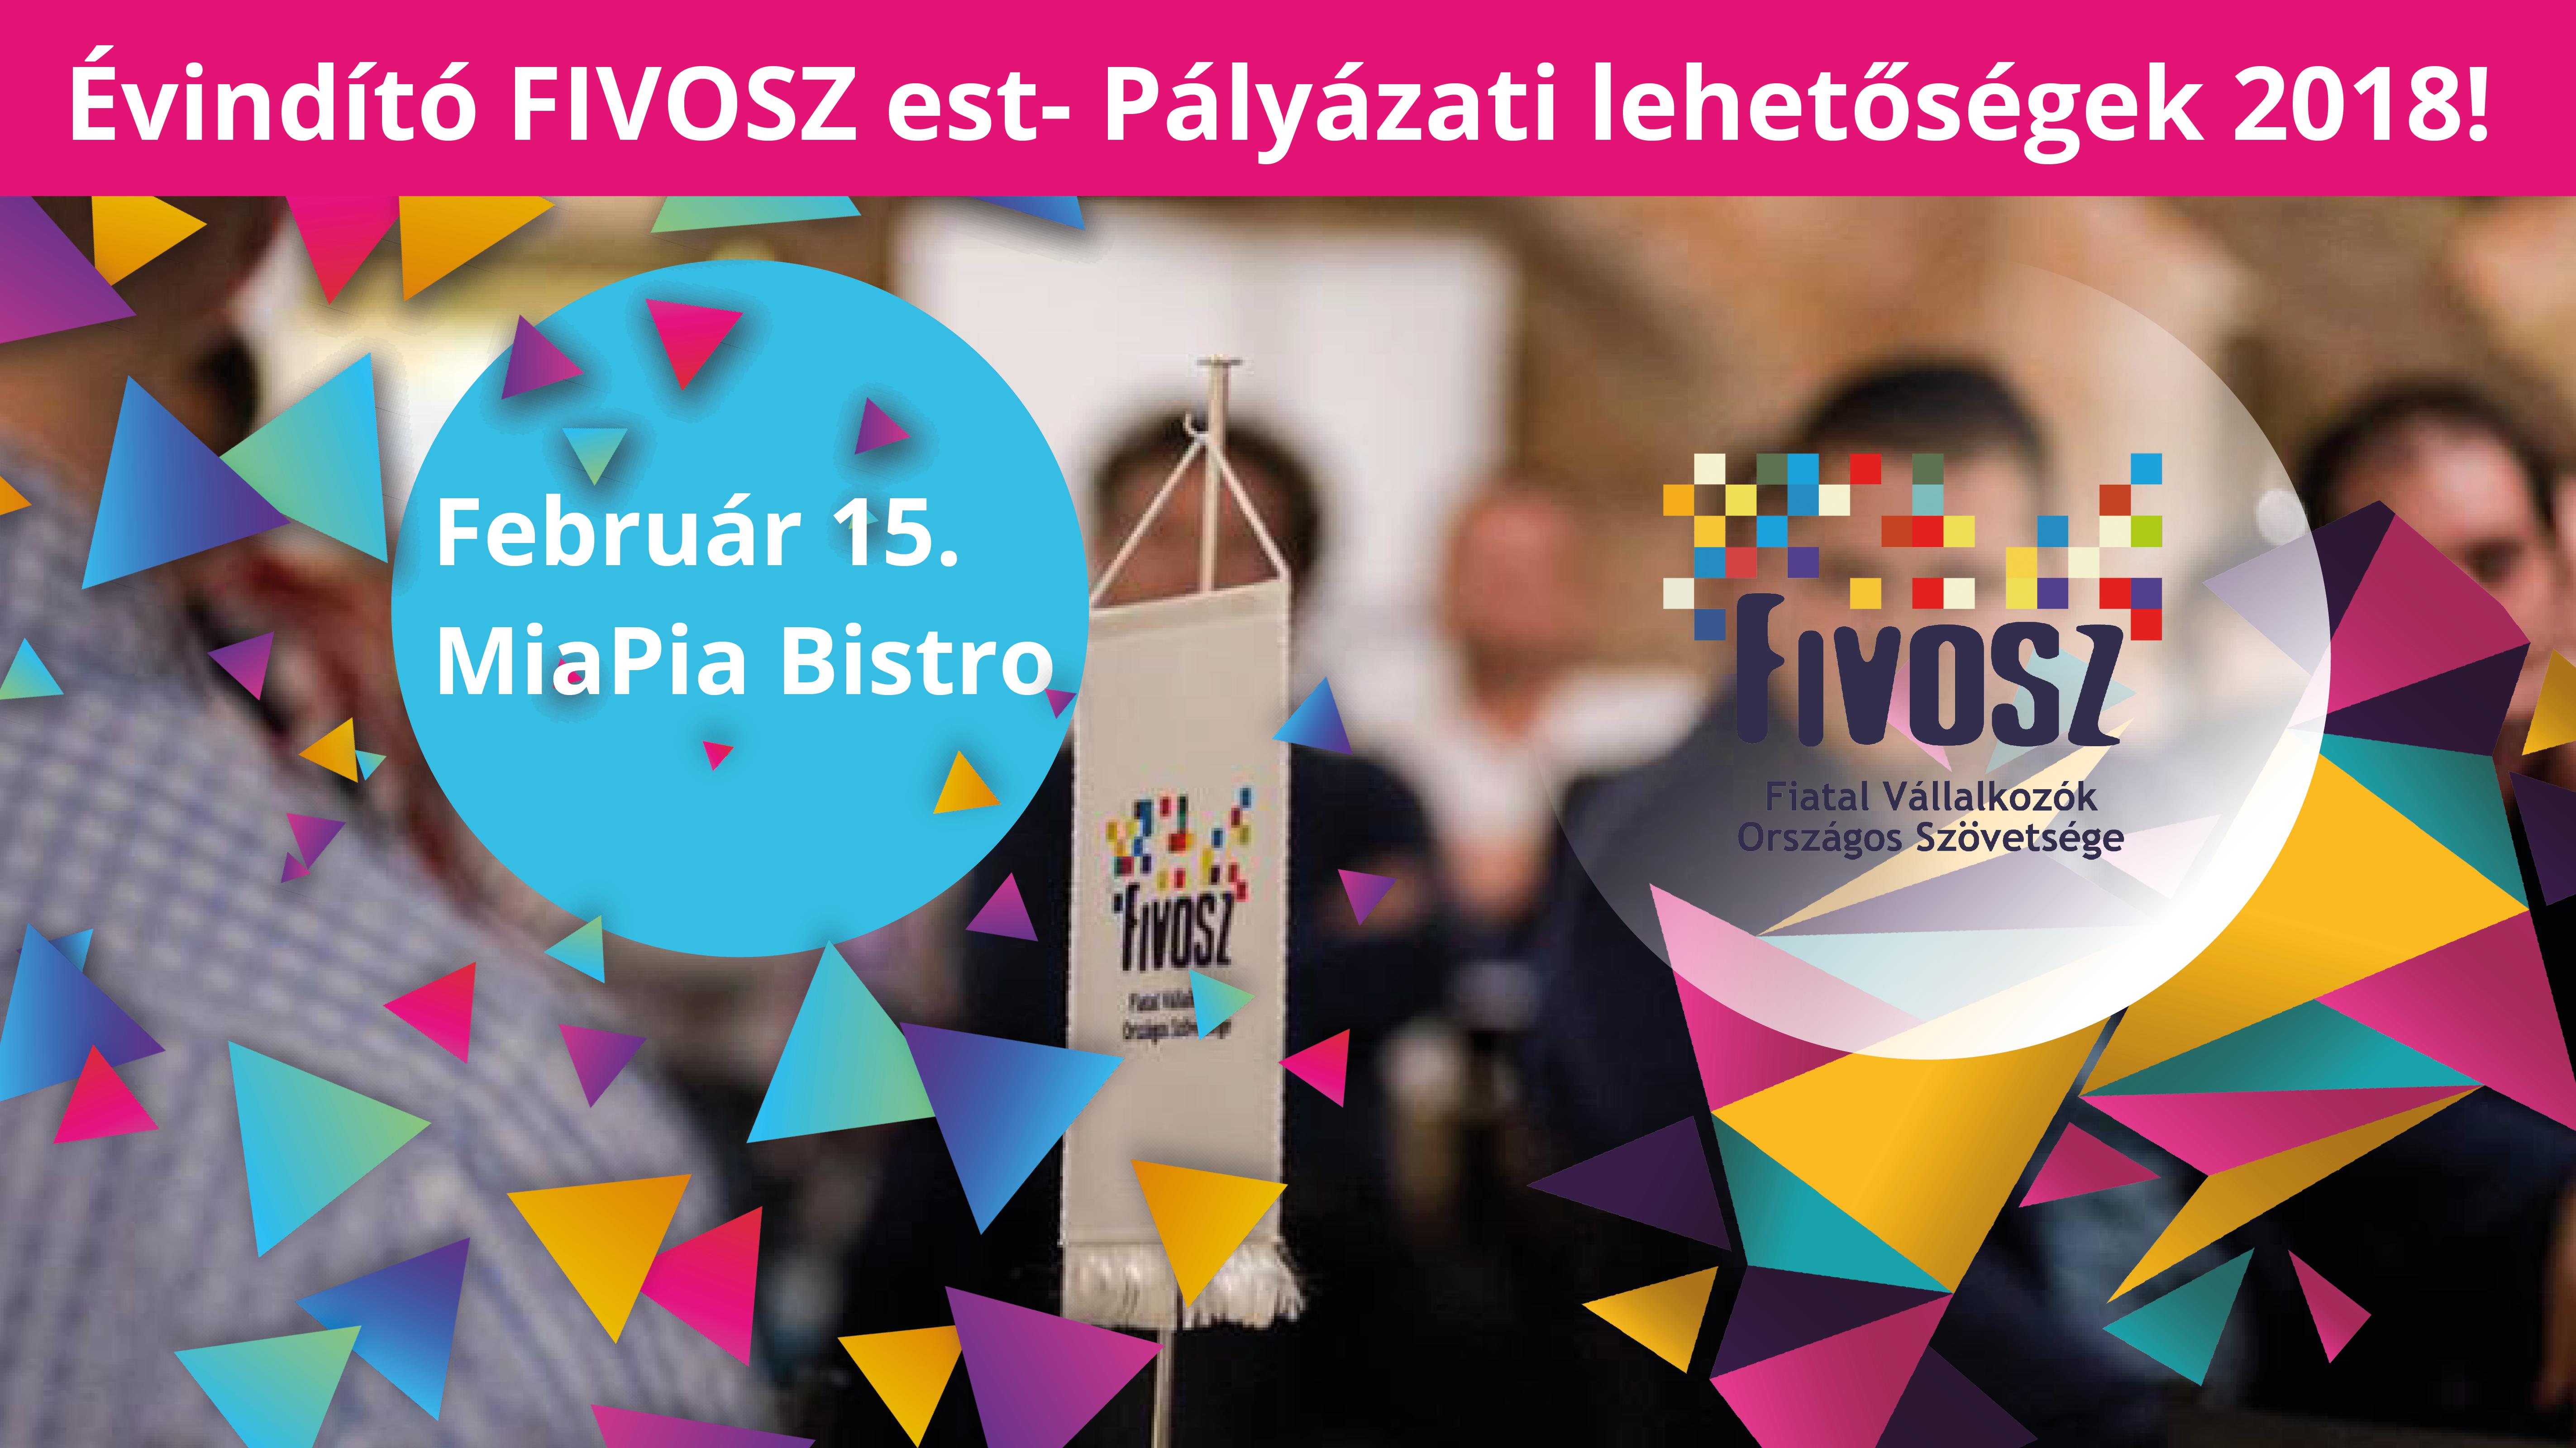 Évindító FIVOSZ est- Pályázati lehetőségek 2018!